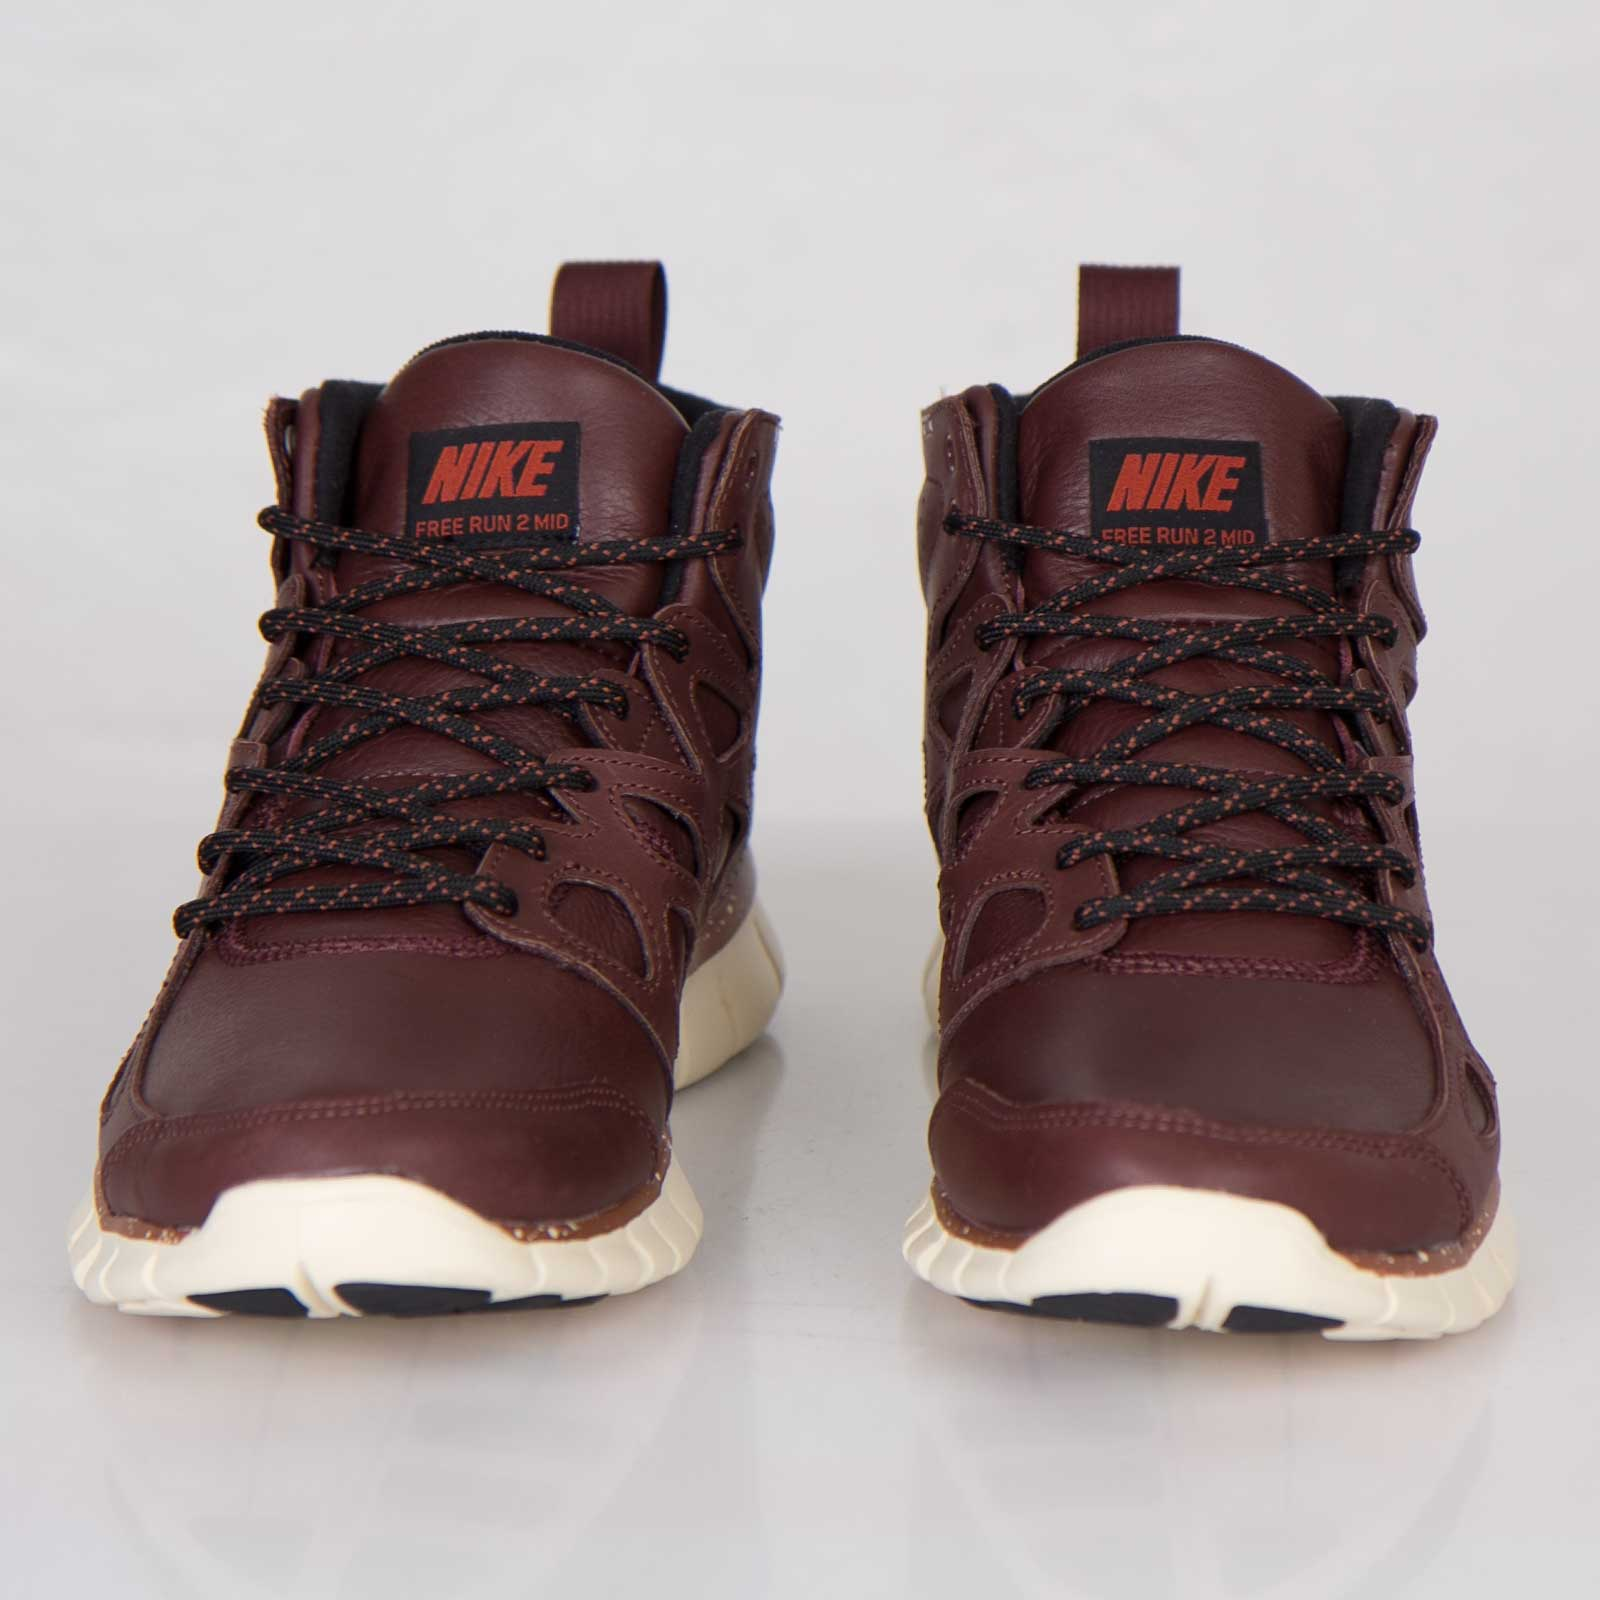 newest 7b803 97bc6 Nike Free Run 2 Sneakerboot QS - 637996-200 - Sneakersnstuff   sneakers    streetwear online since 1999